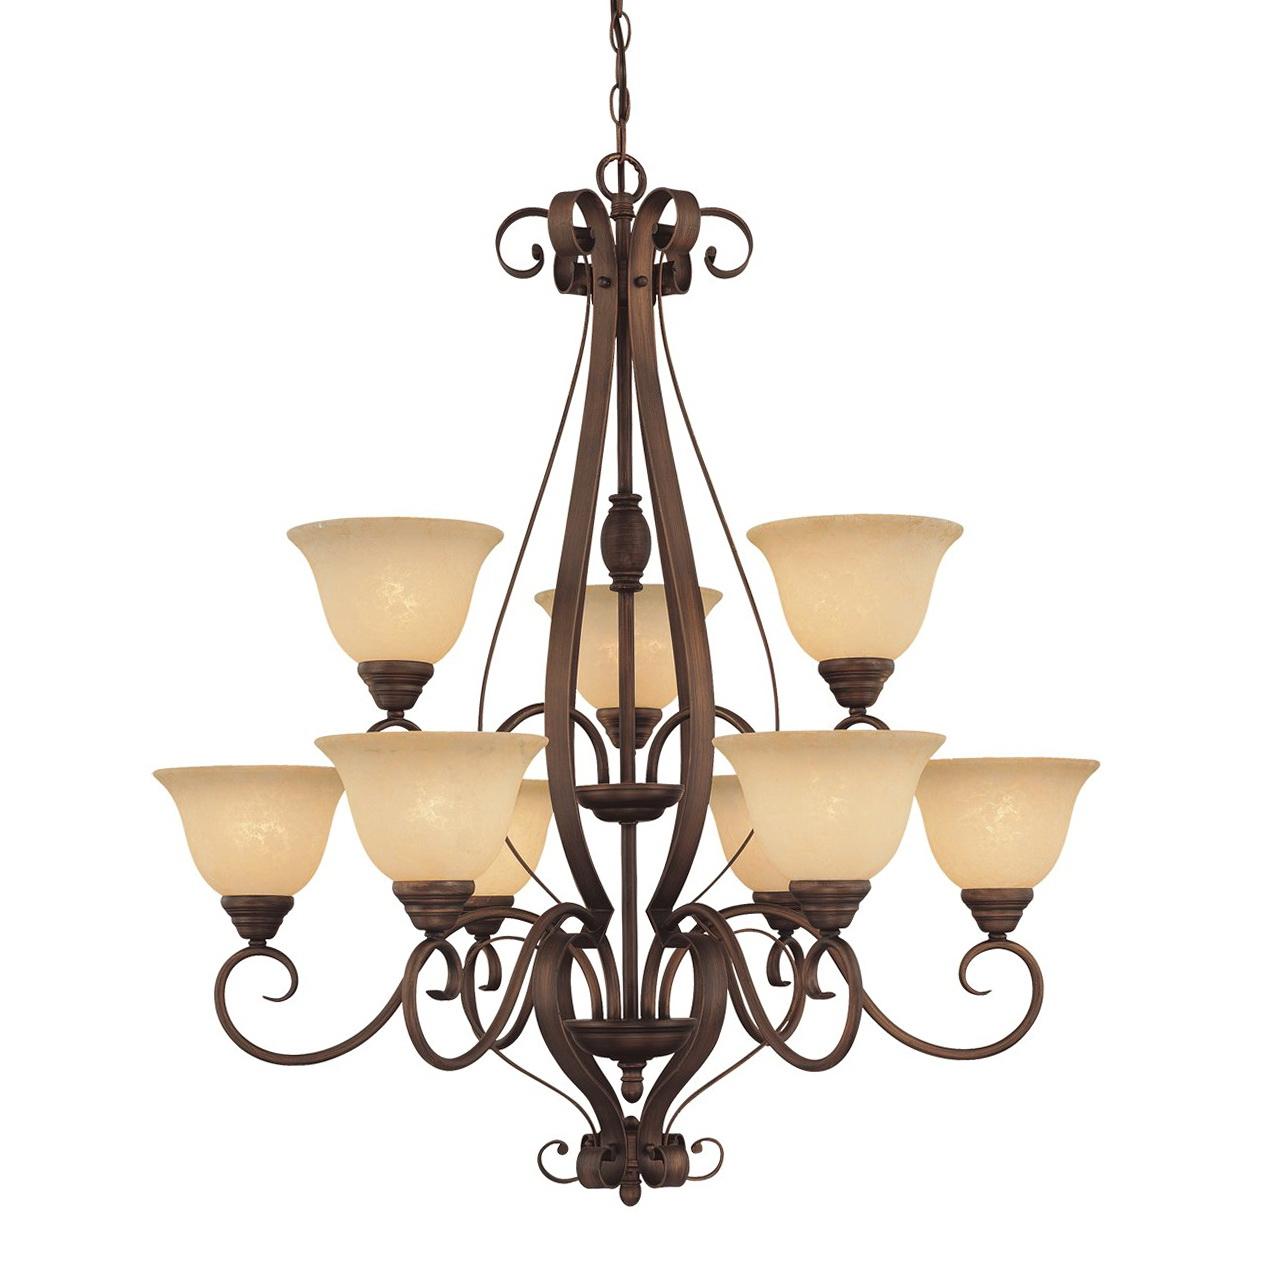 9 Light Chandelier Bronze